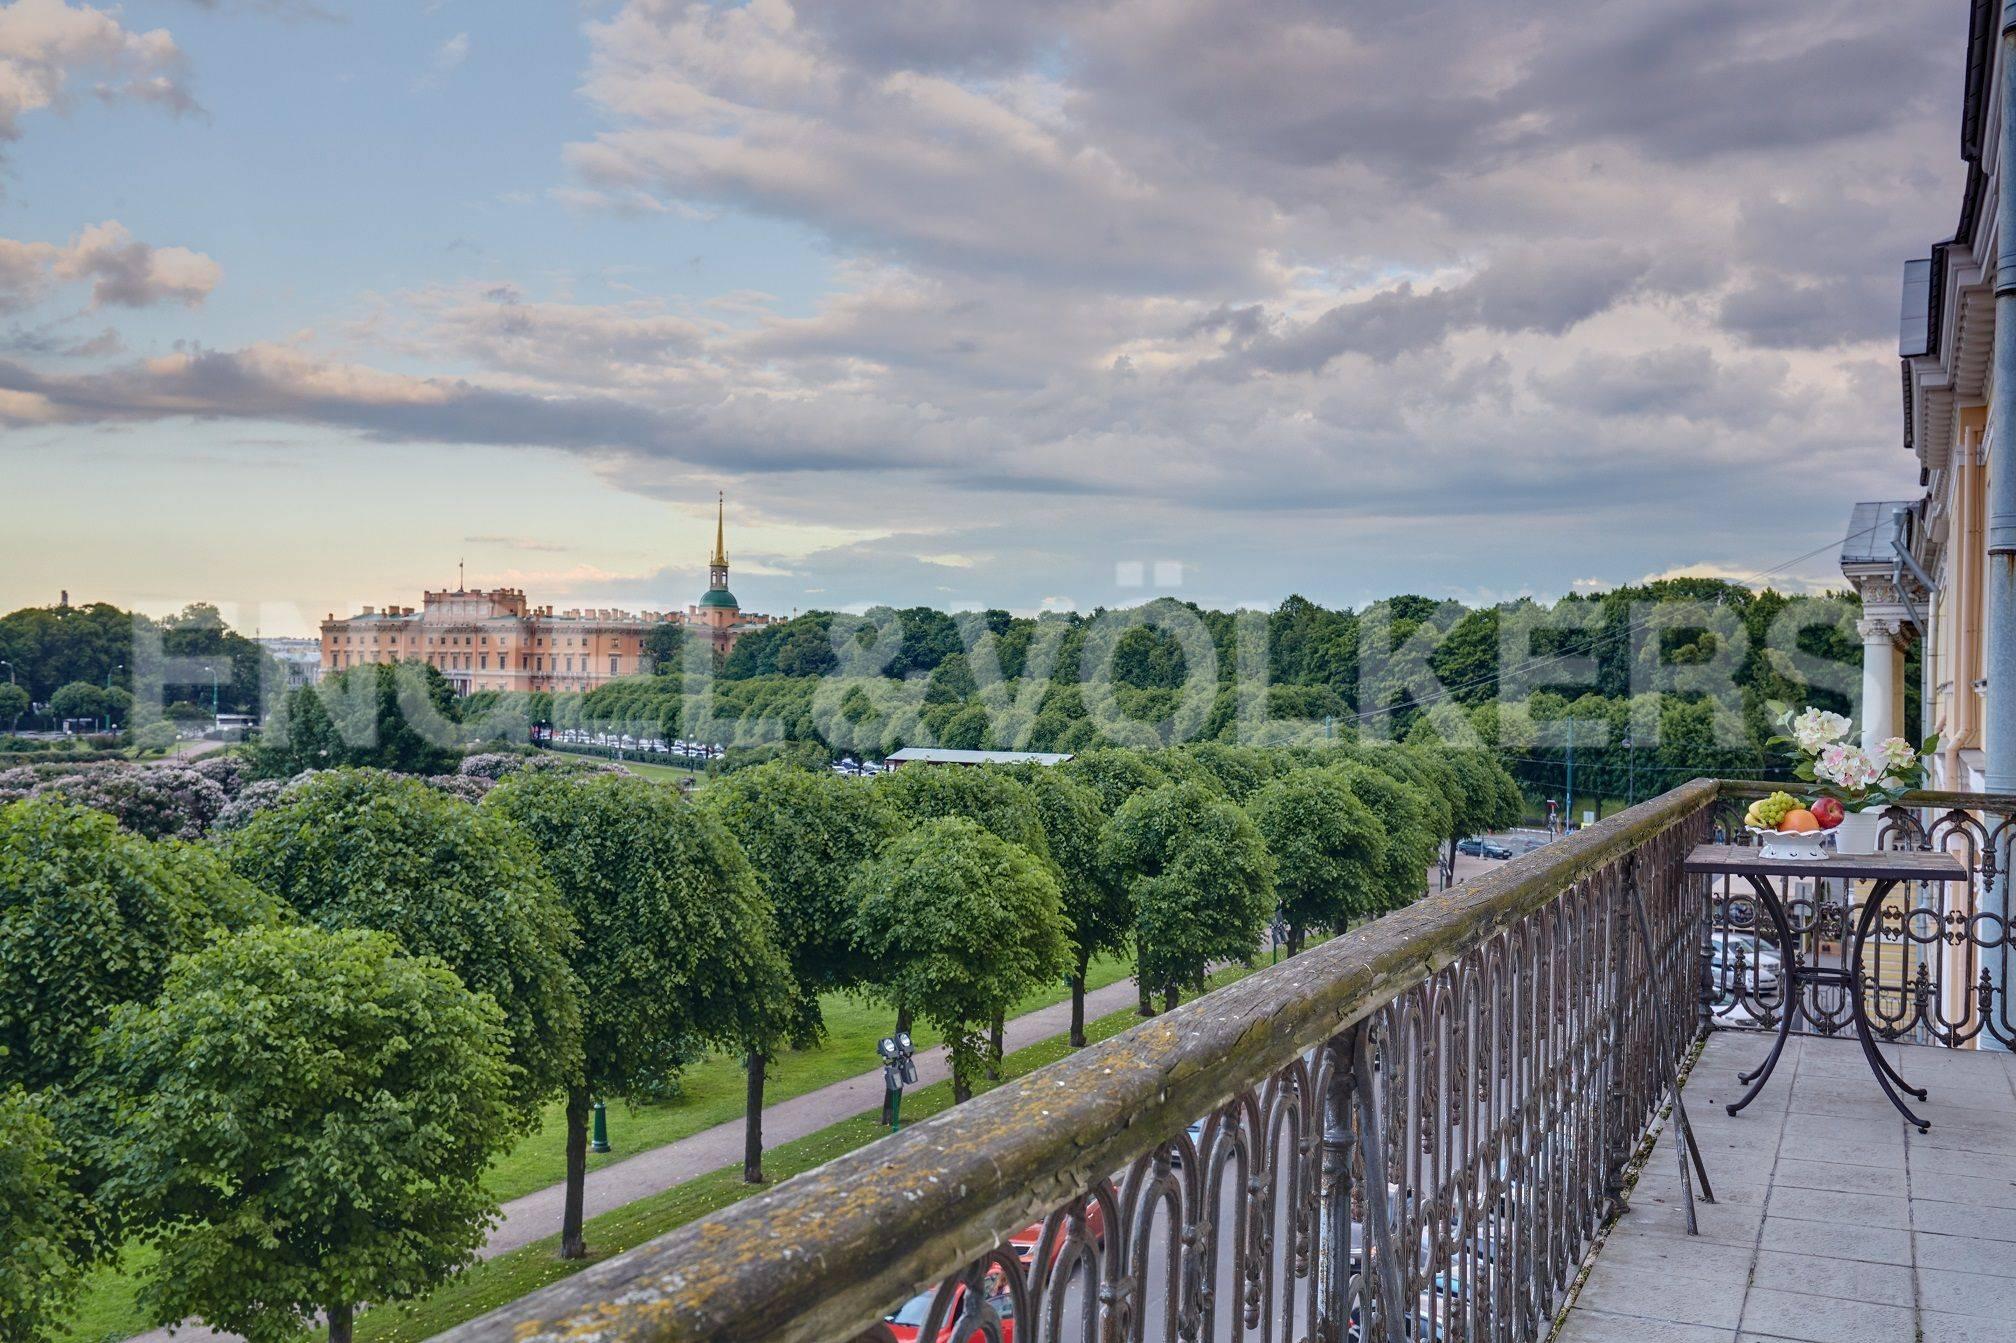 Элитные квартиры в Центральном районе. Санкт-Петербург, Марсово поле, 3. Панорамный вид с фасадного балкона в сторону Михайловского замка